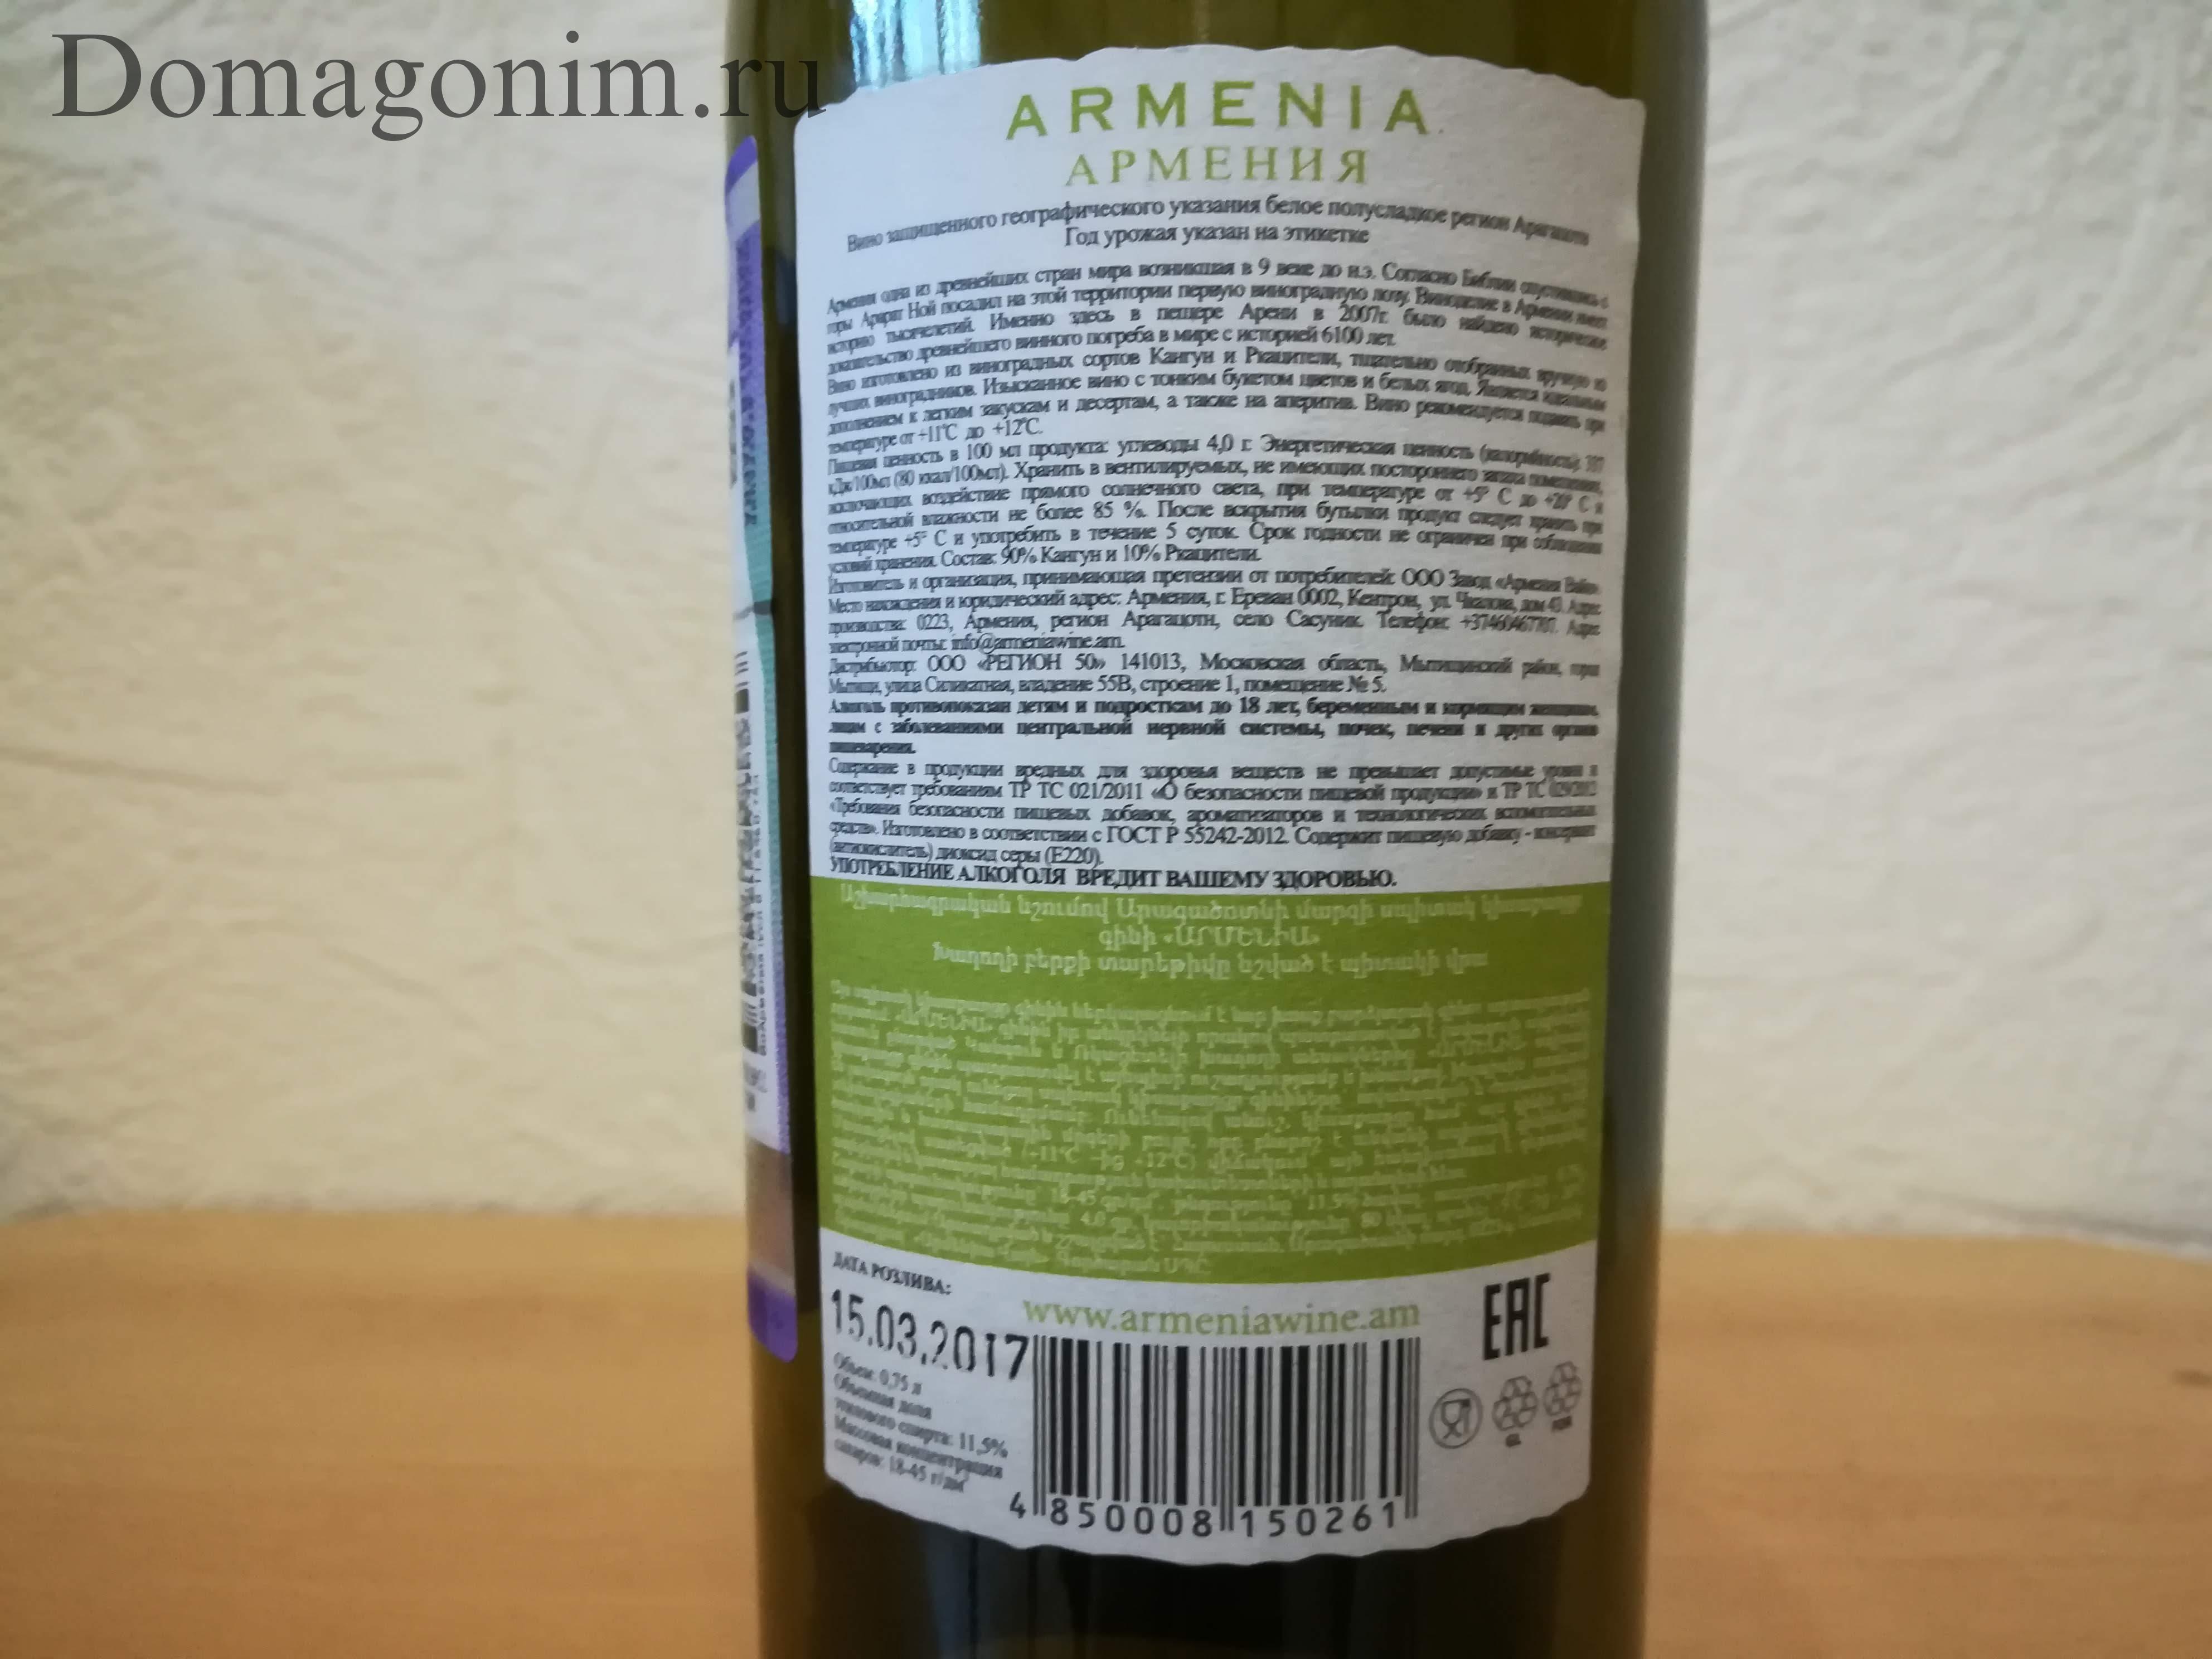 Armenia White Wine Semi Sweet 2015 (Армения белое полусладкое вино). Армения Вайн отзыв